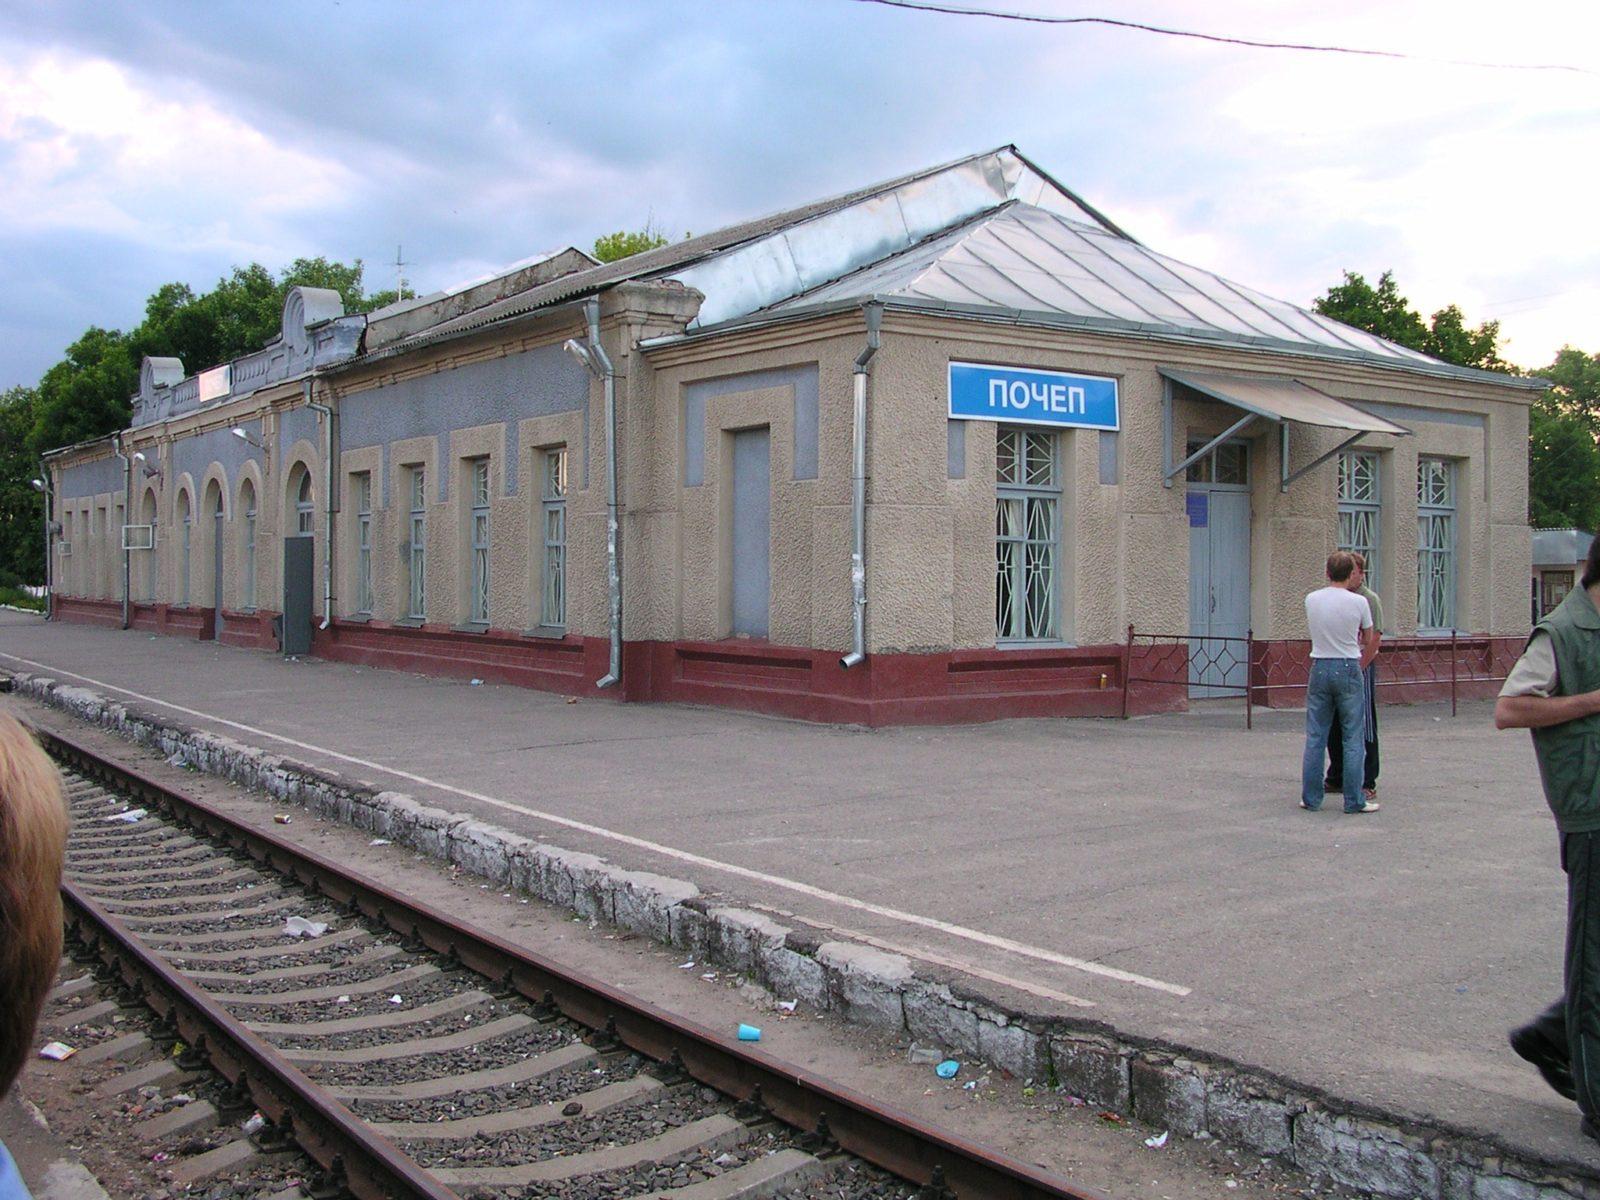 Почеп железнодорожная станция.